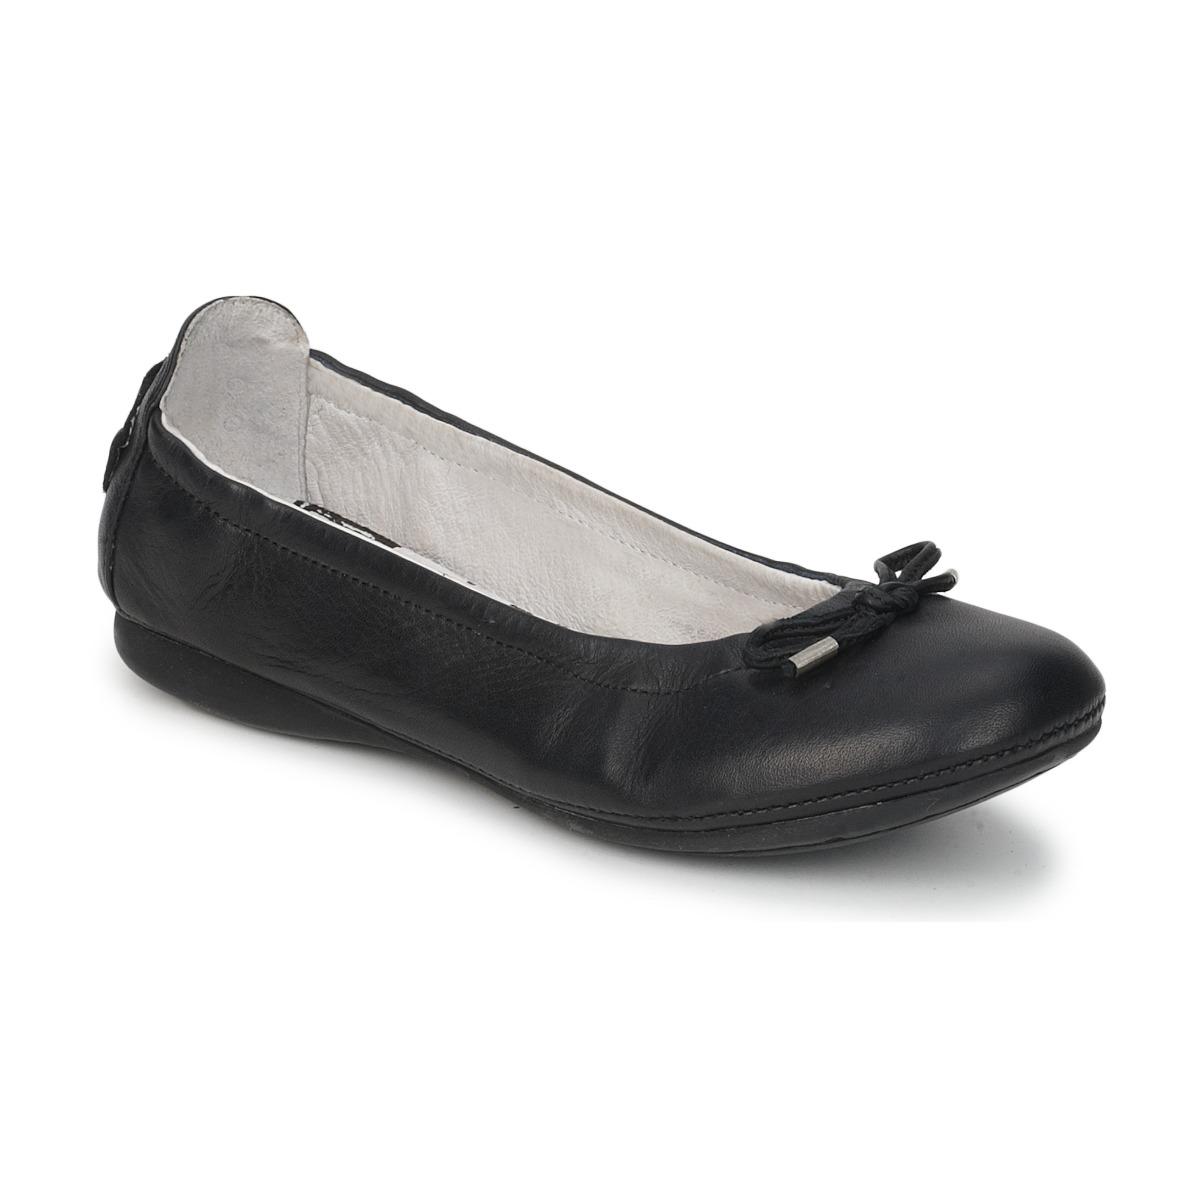 PLDM by Palladium MOMBASA CASH Schwarz - Kostenloser Versand bei Spartoode ! - Schuhe Ballerinas Damen 44,50 €